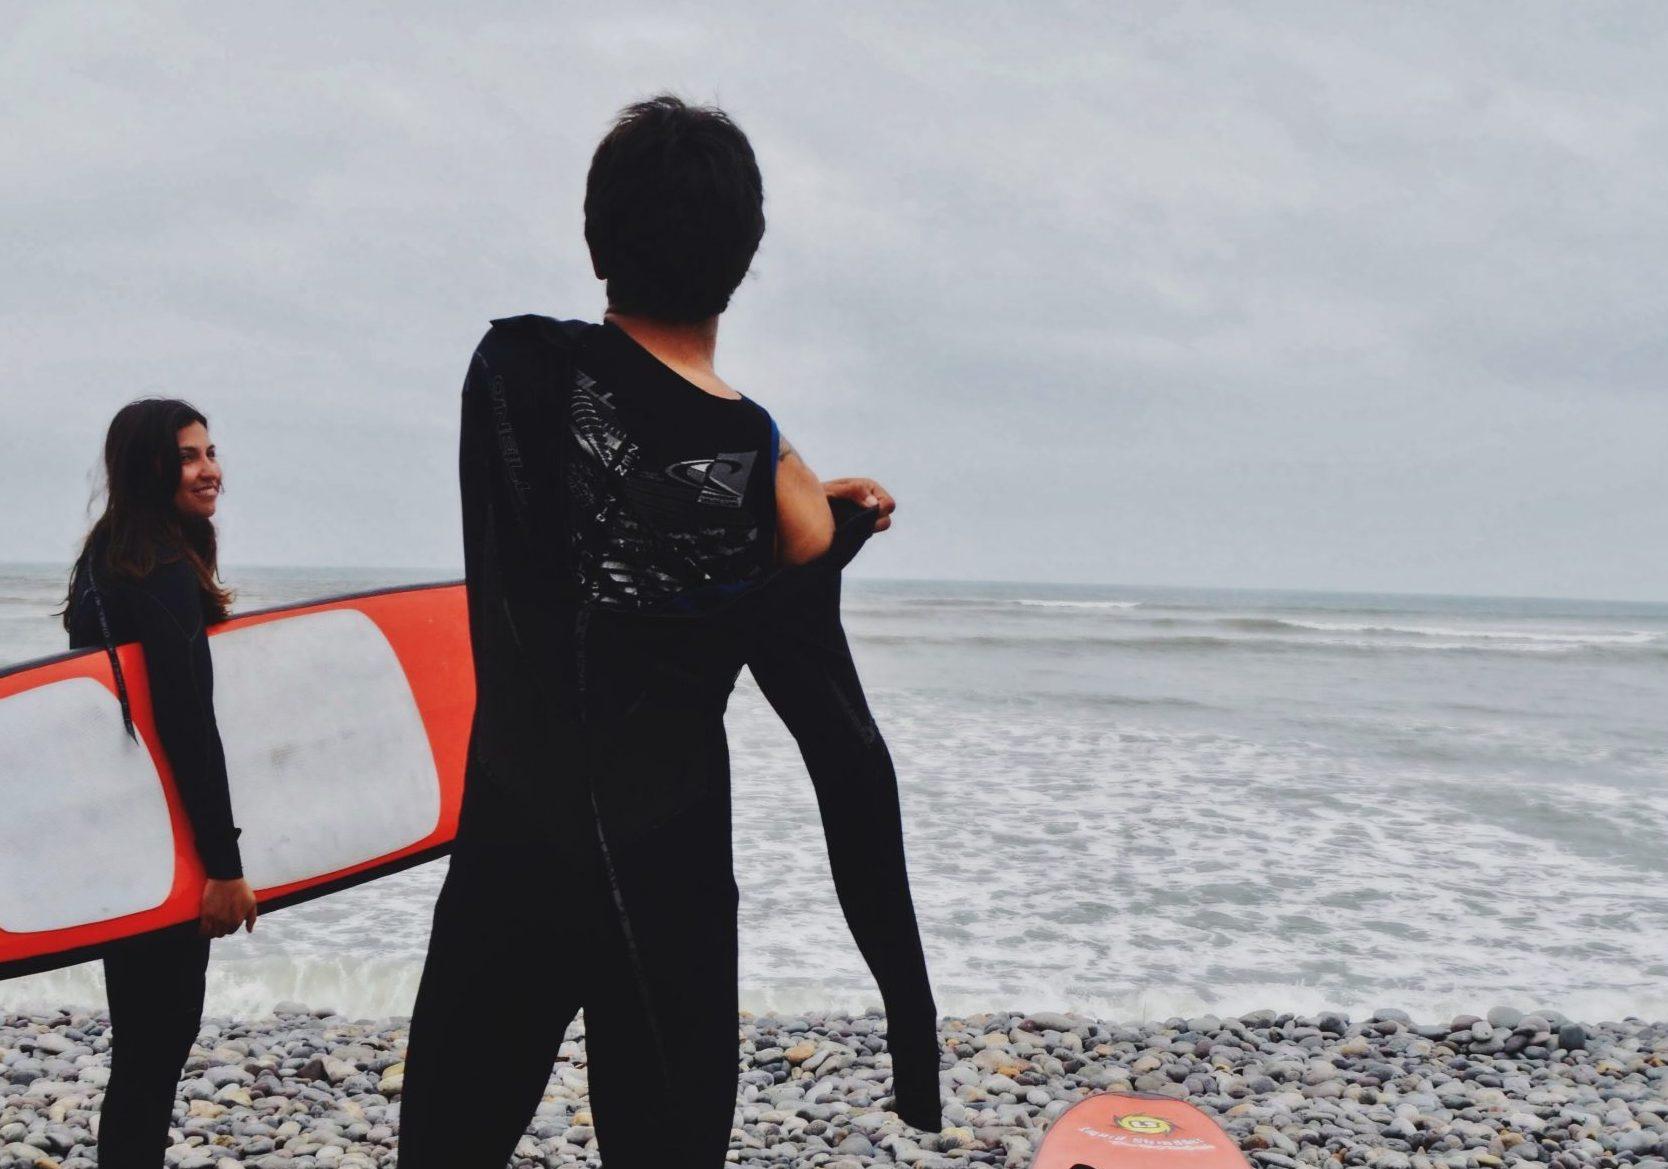 Jovenes surfitas frente a la playa